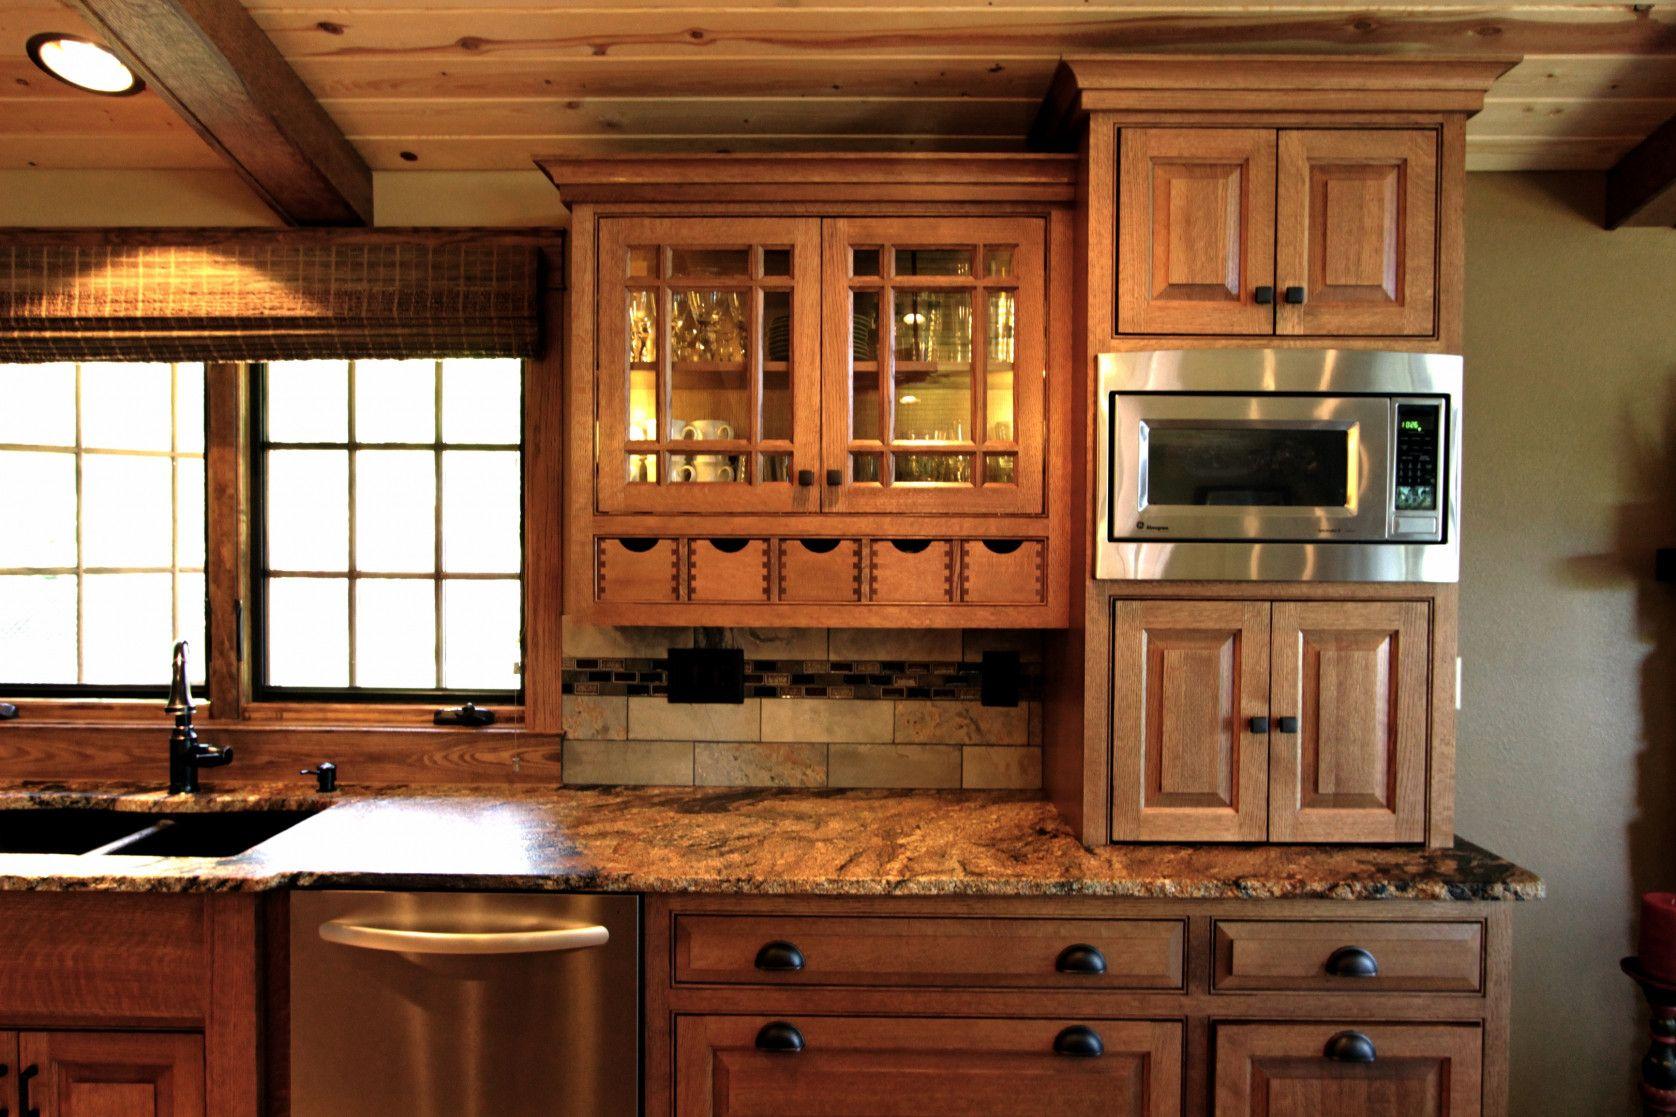 Best 2019 Red Oak Cabinet Doors Chalkboard Ideas For Kitchen 640 x 480